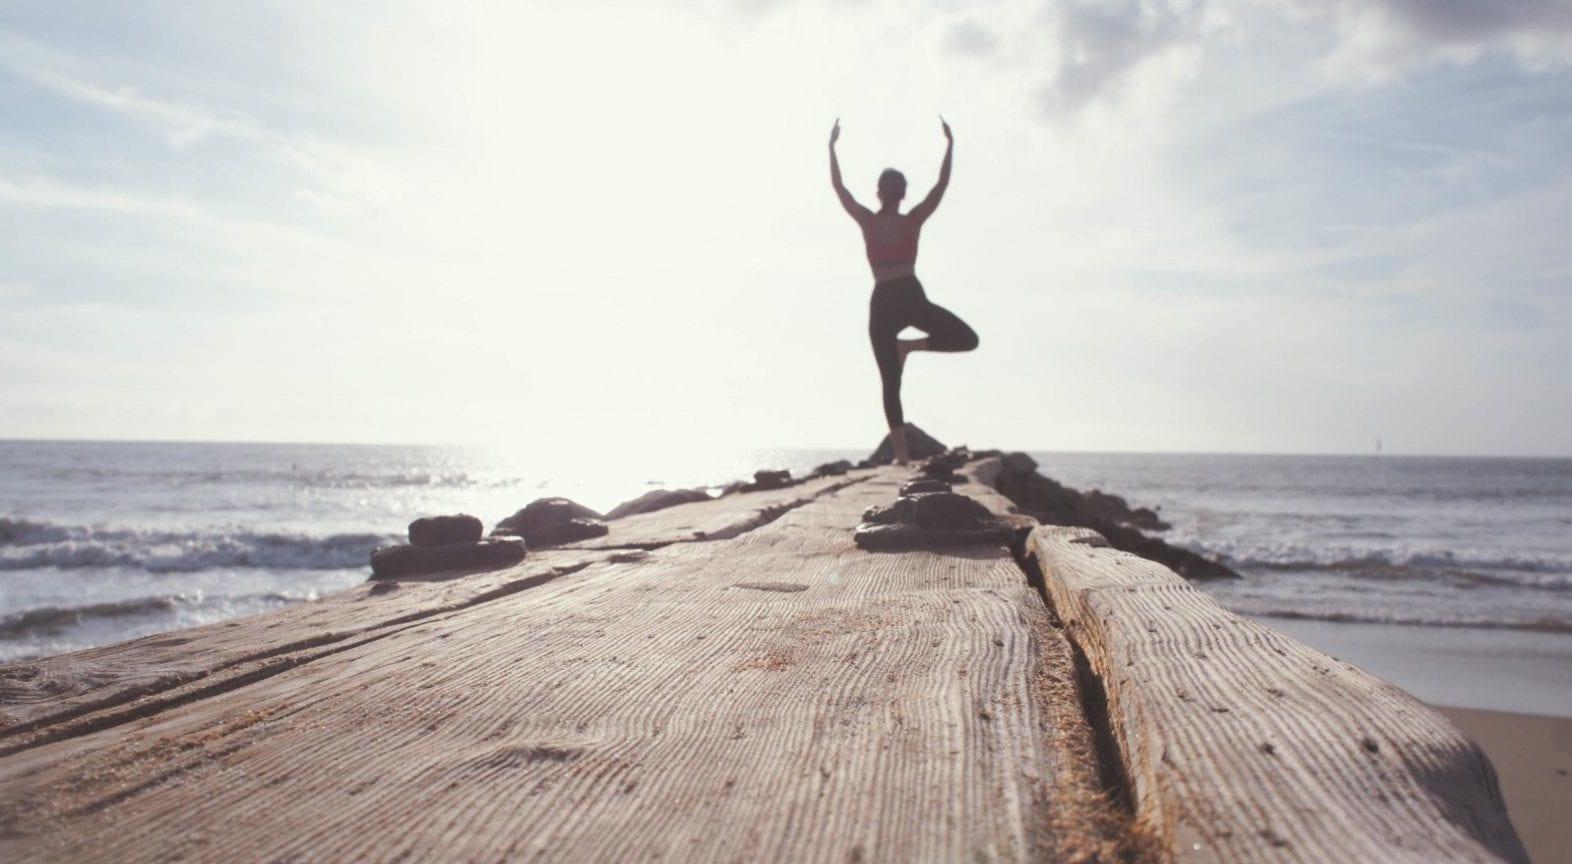 De Ultieme Handleiding Voor Een Succesvol Wellness Evenement